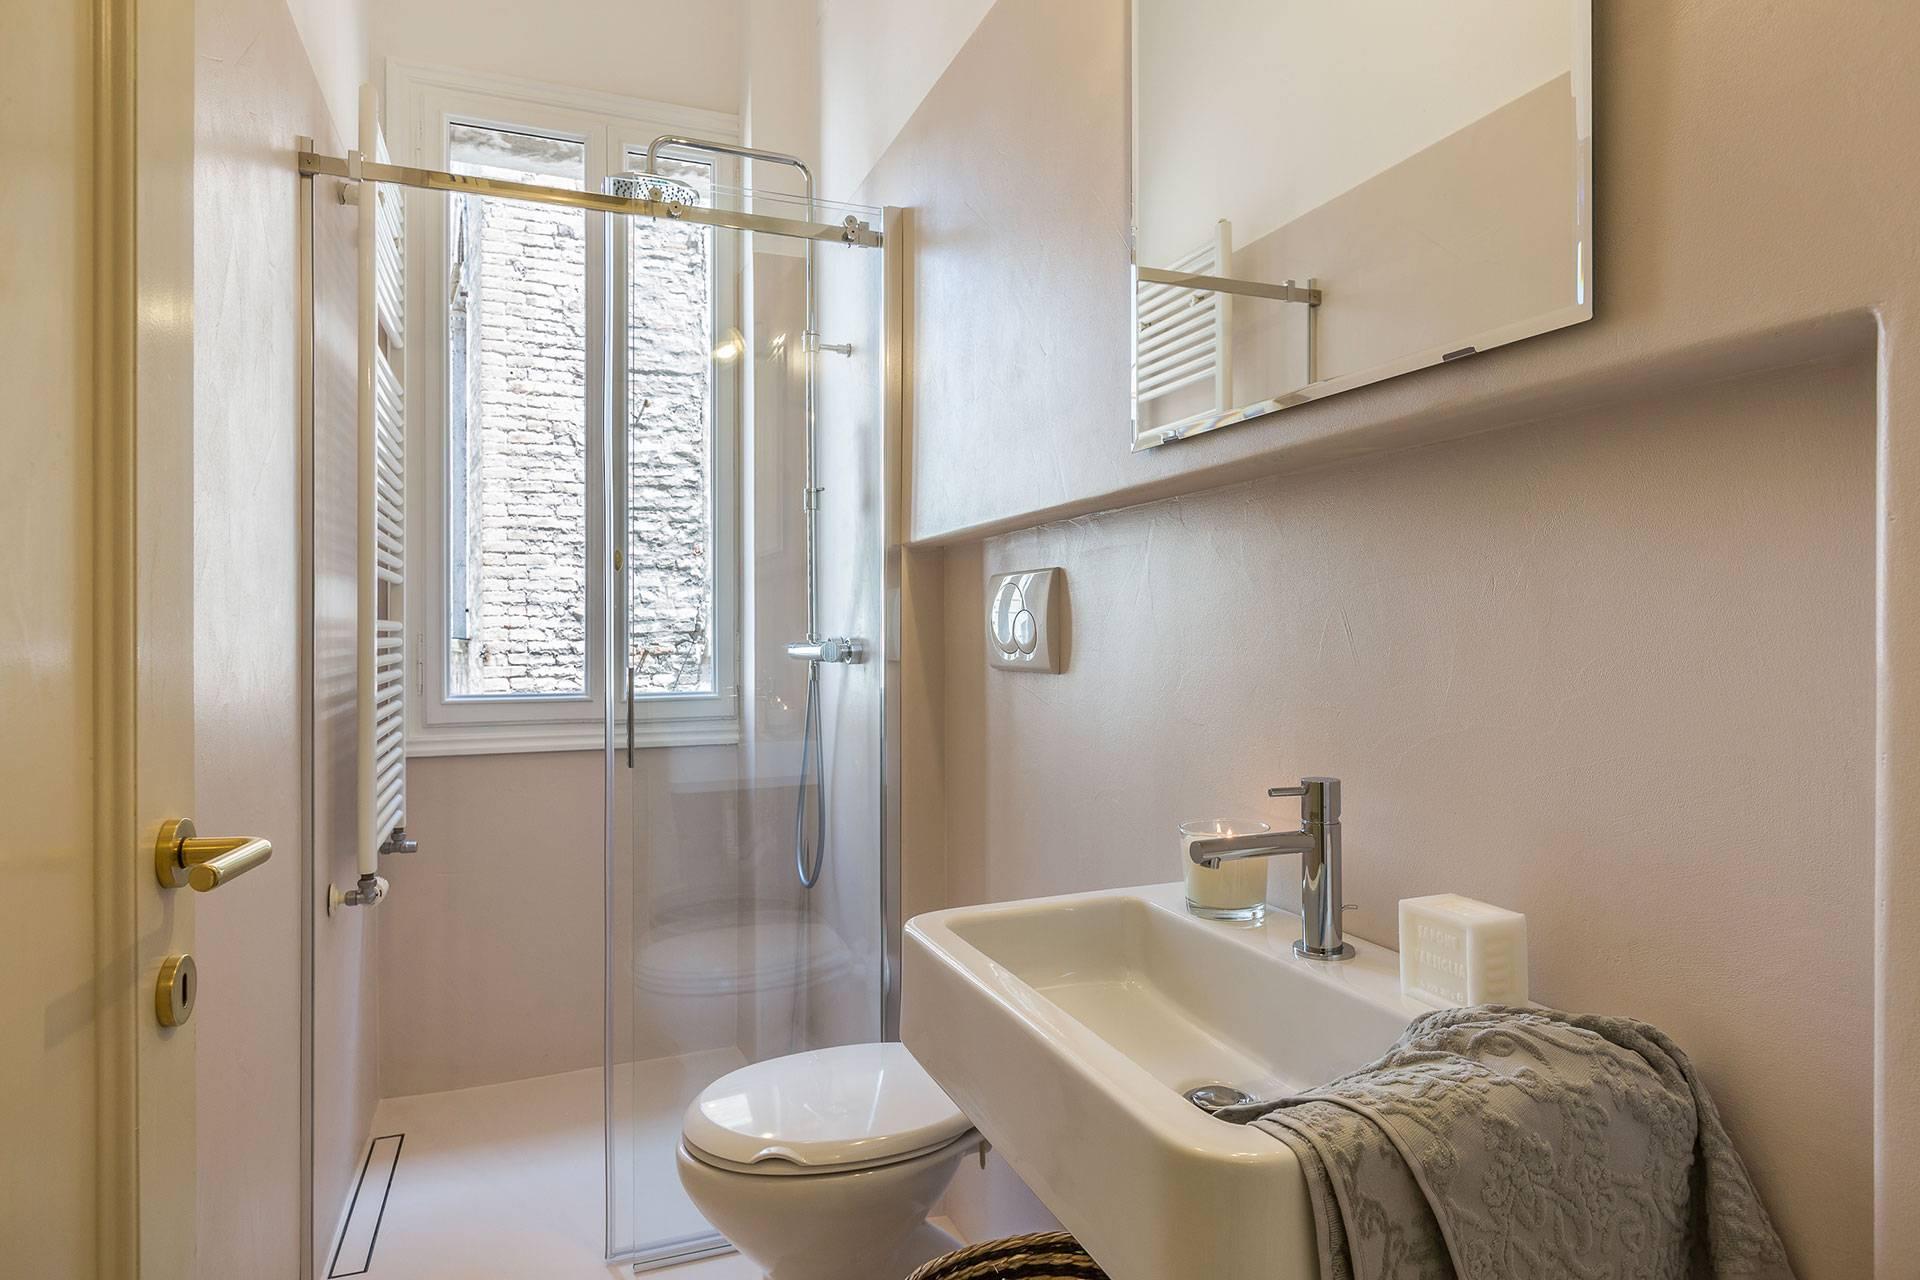 bathroom 2: en-suite bathroom